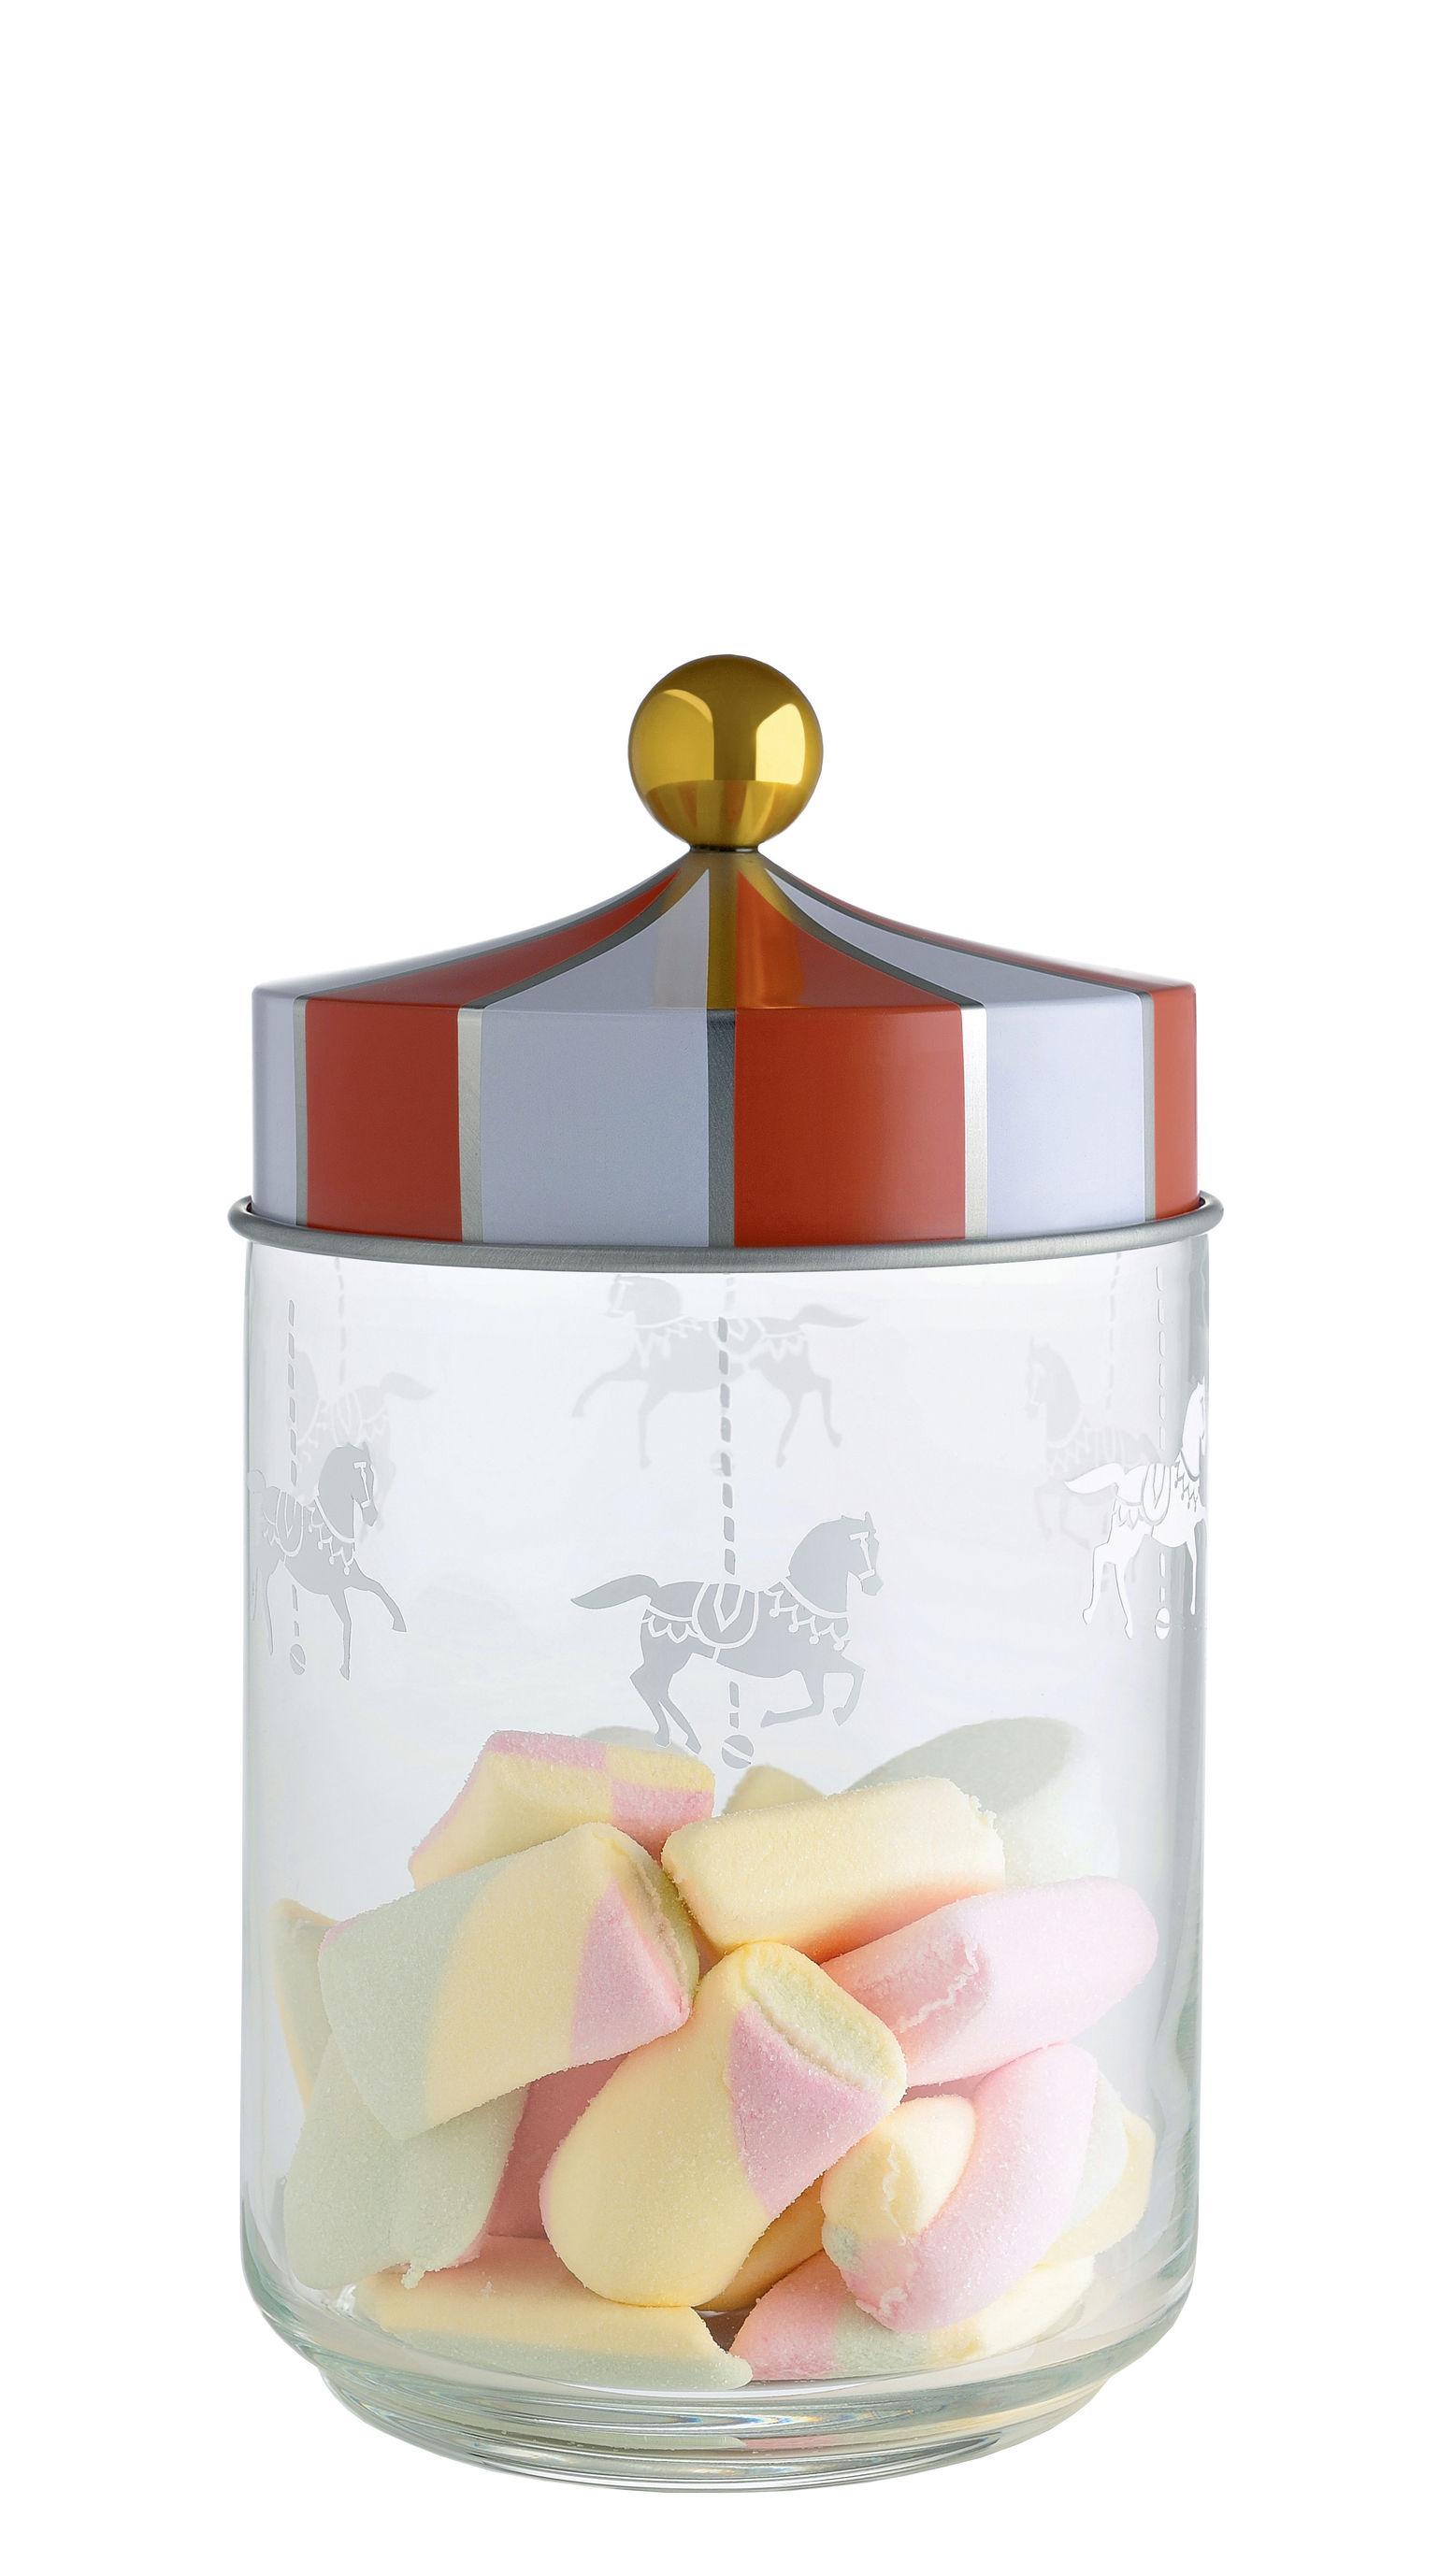 Cuisine - Boîtes, pots et bocaux - Bocal hermétique Circus / 100 cl - Verre & métal - Alessi - 100 cl / Rouge & blanc - Fer blanc, Verre sérigraphié